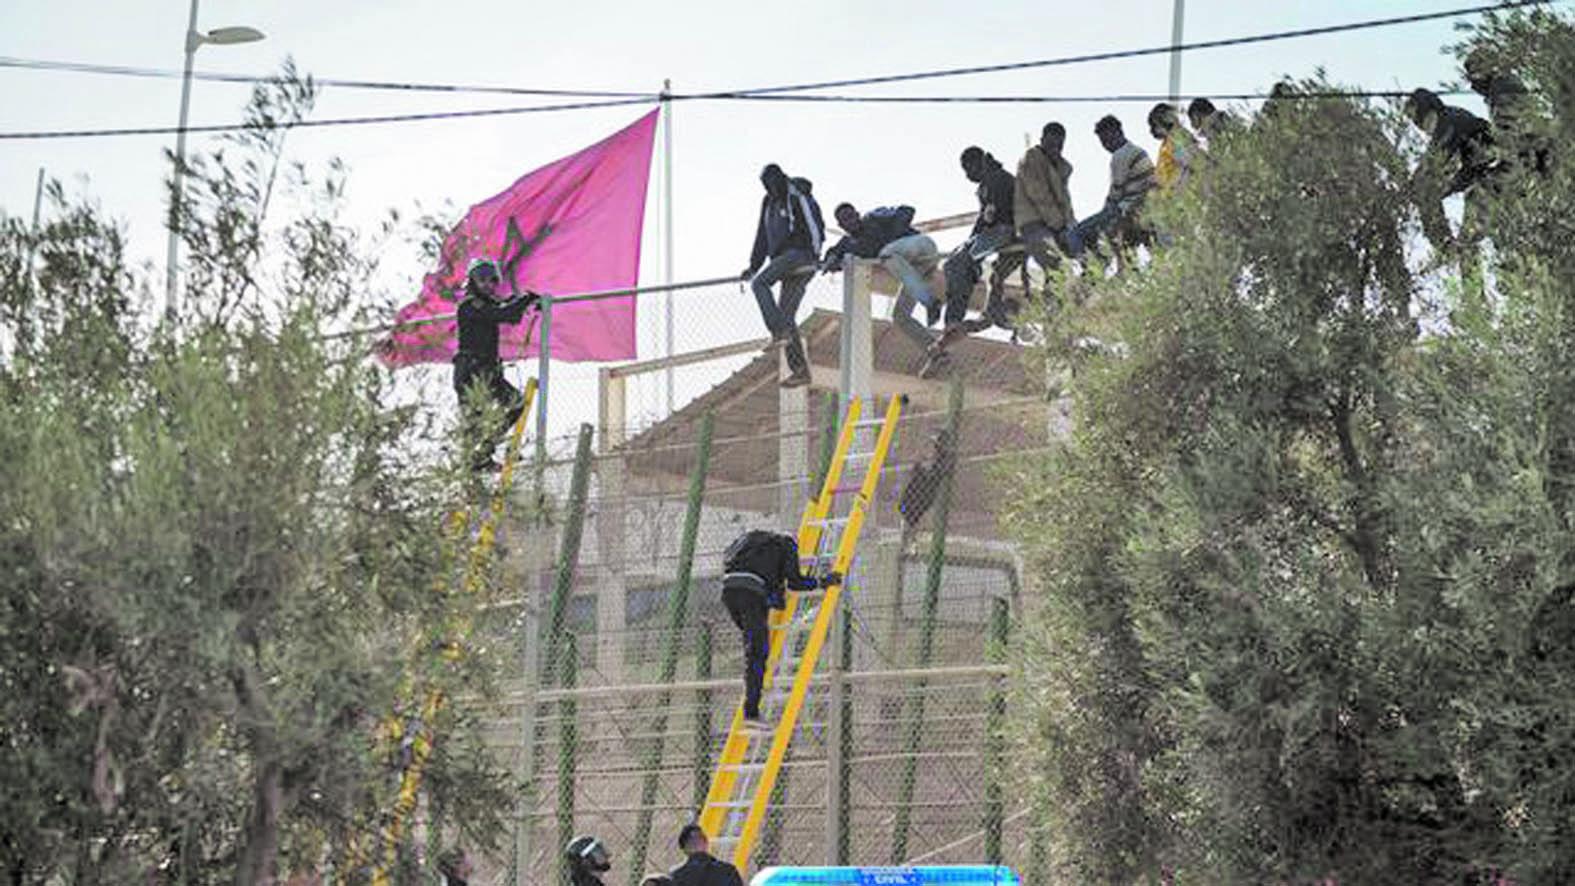 Le Conseil de l'Europe appelle Madrid à assurer de meilleures conditions d'accueil des migrants à Mellilia